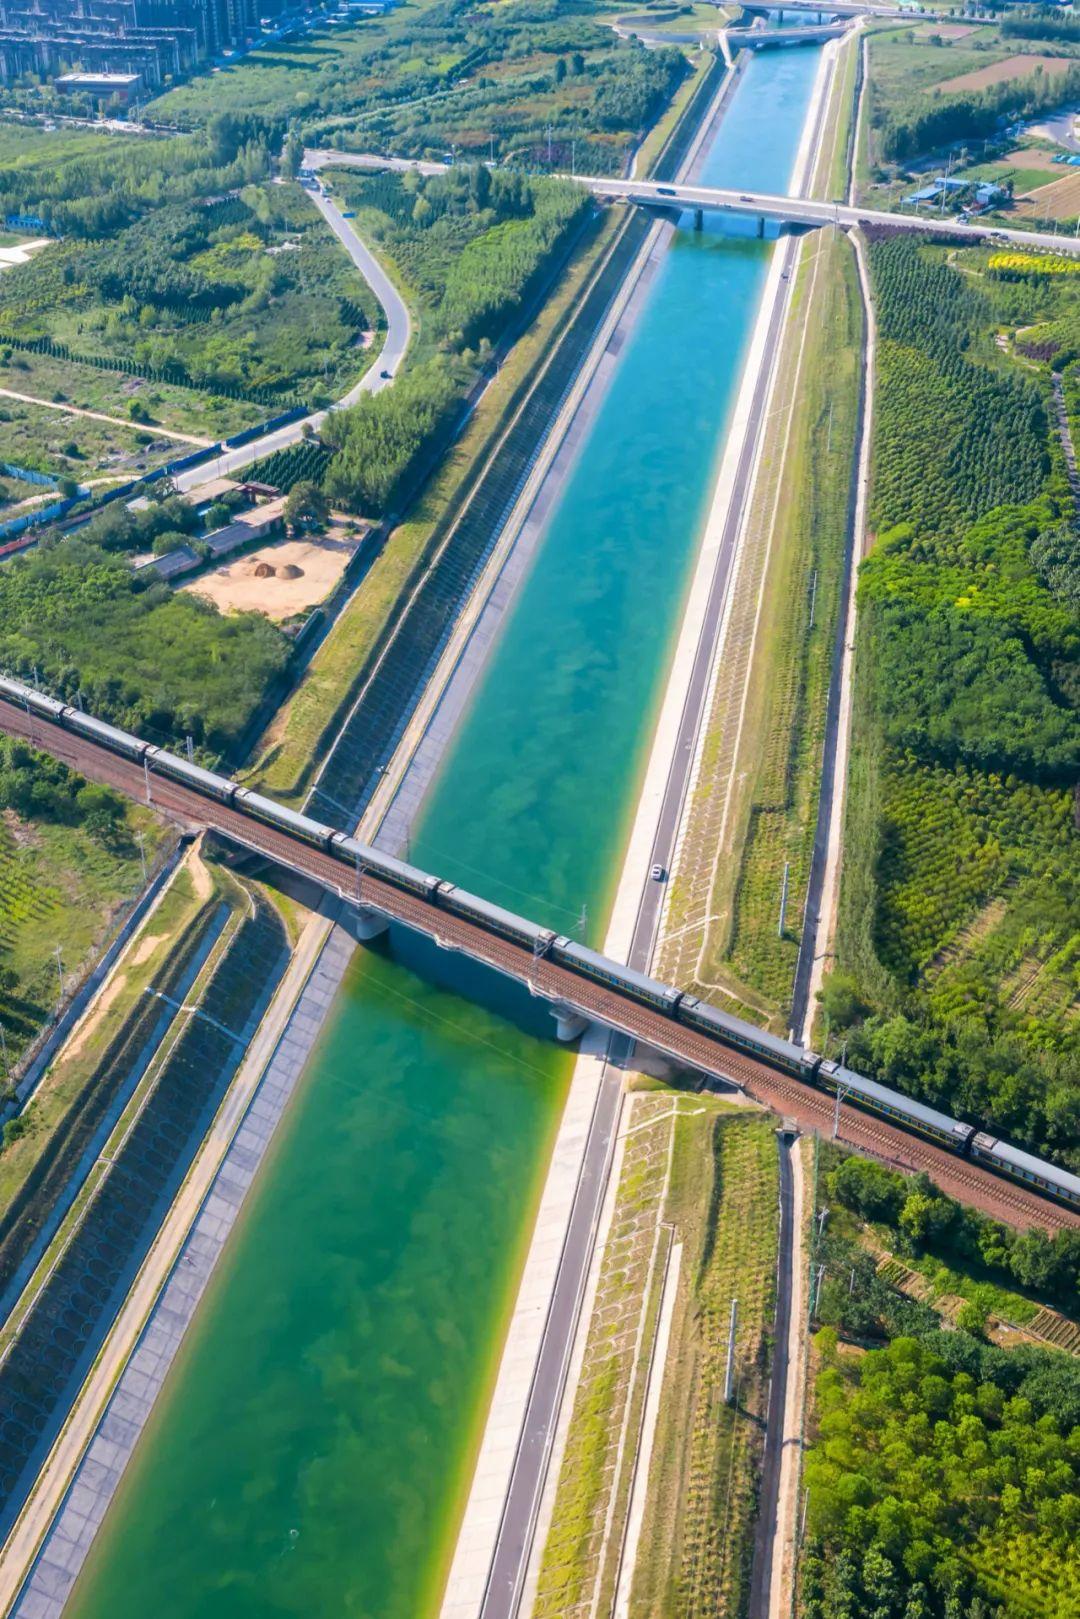 ▲ 郑州陇海铁路与南水北调运河交汇处。摄影/石耀臣